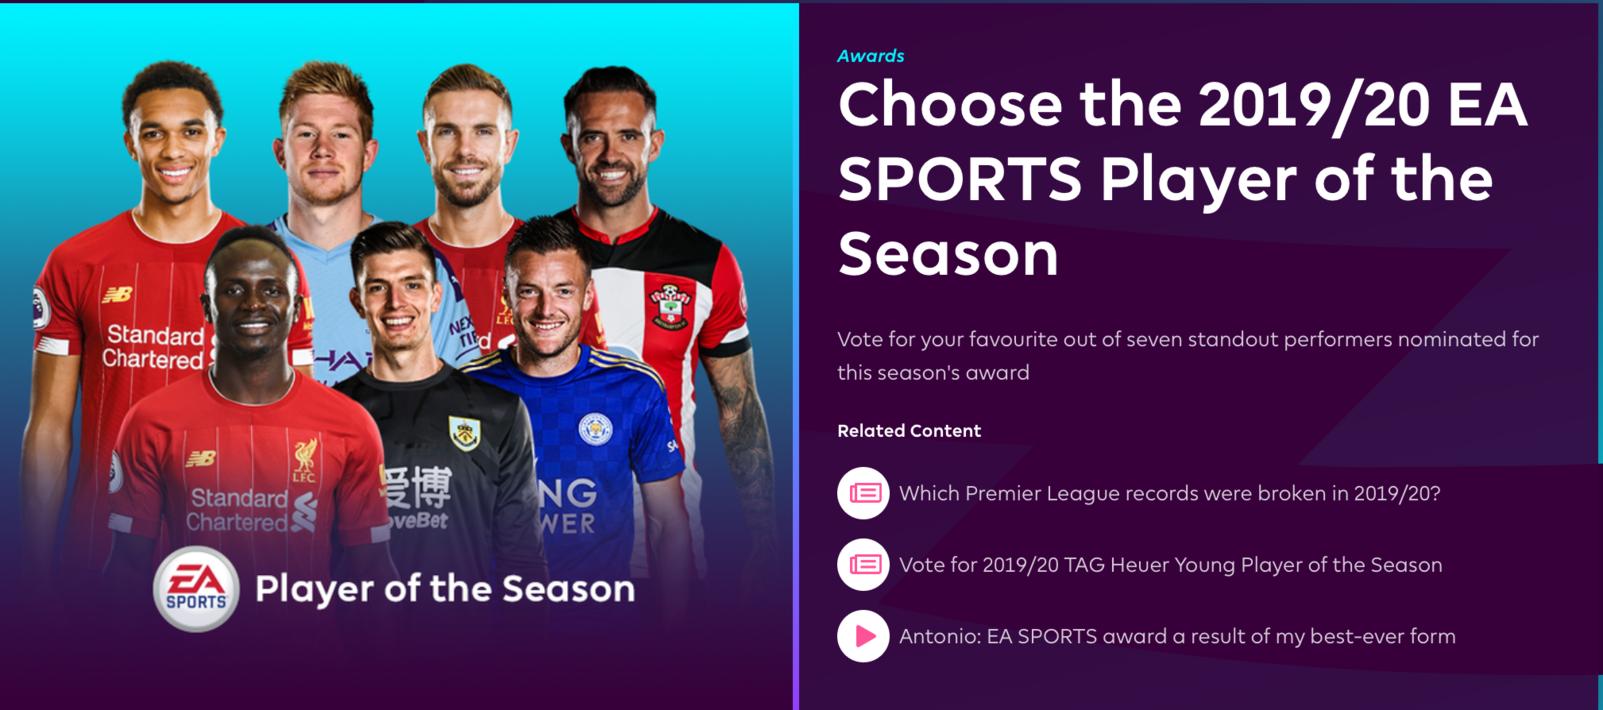 英超最佳球员提名:阿诺德、波普入选,利物浦3人